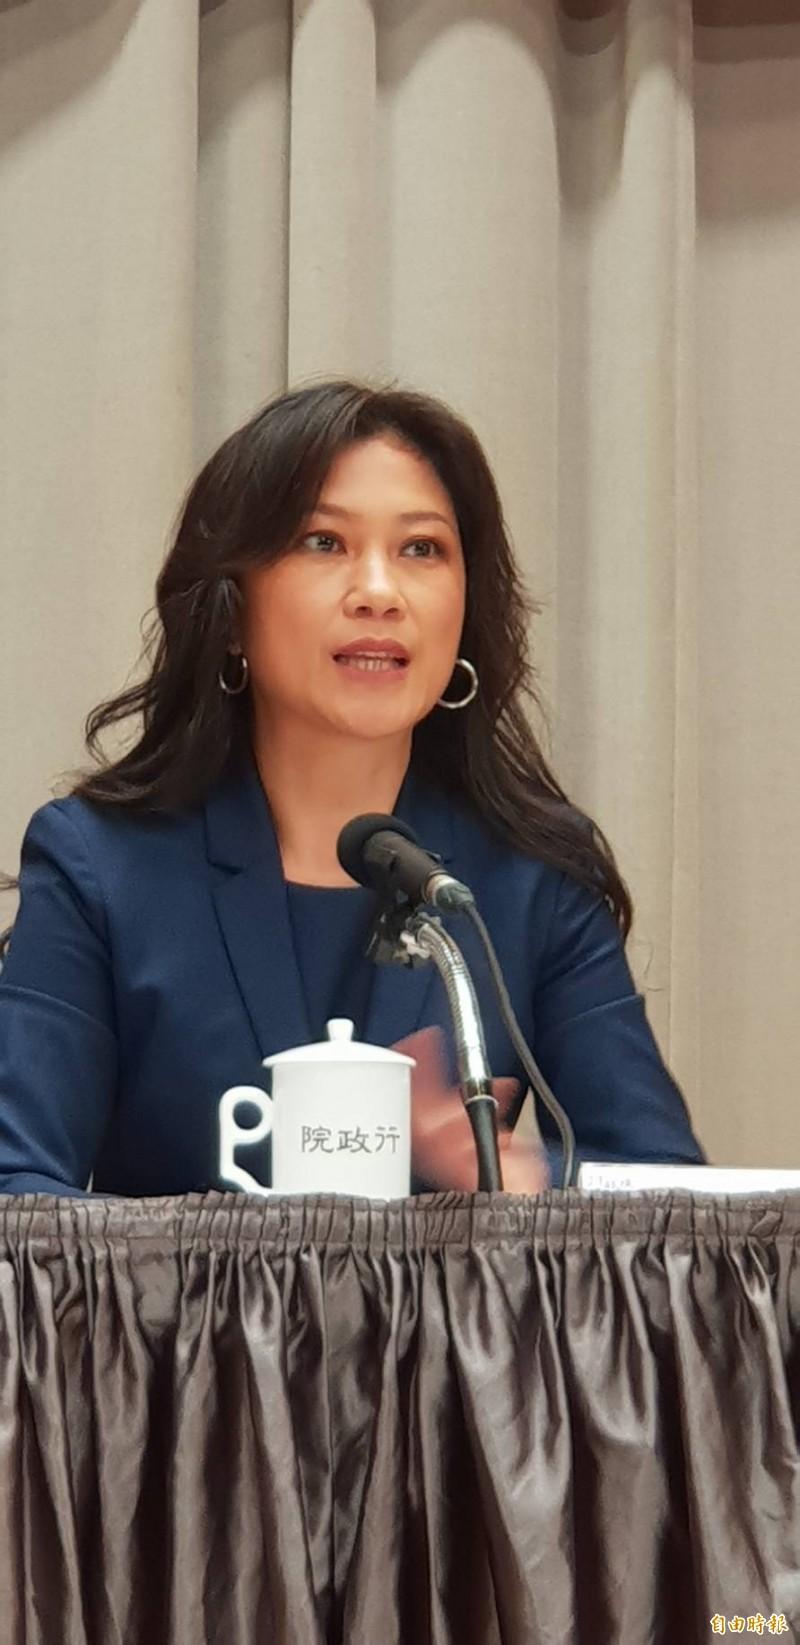 林佳龍稱溫泉與夜市券可用到2月底 政院支持:合理 - 生活 - 自由時報電子報